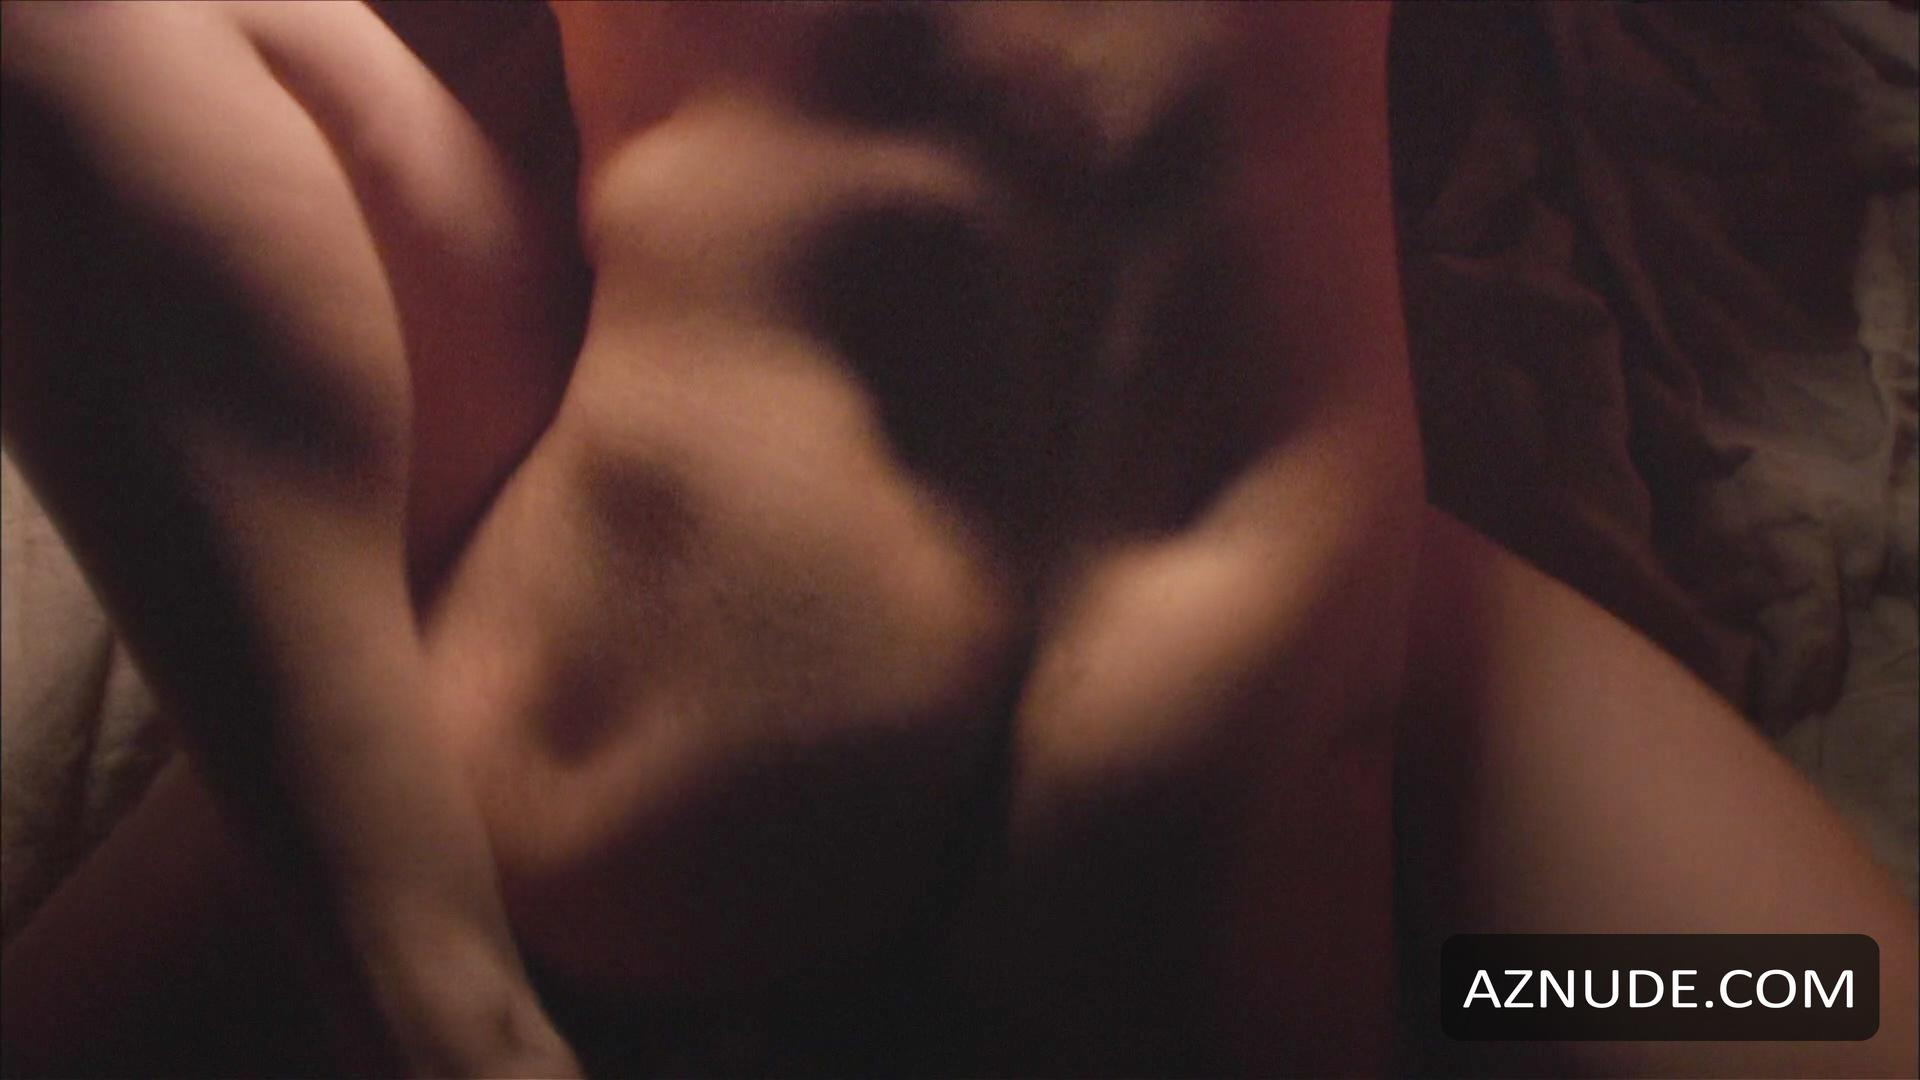 Full Sex Scenes In Movies